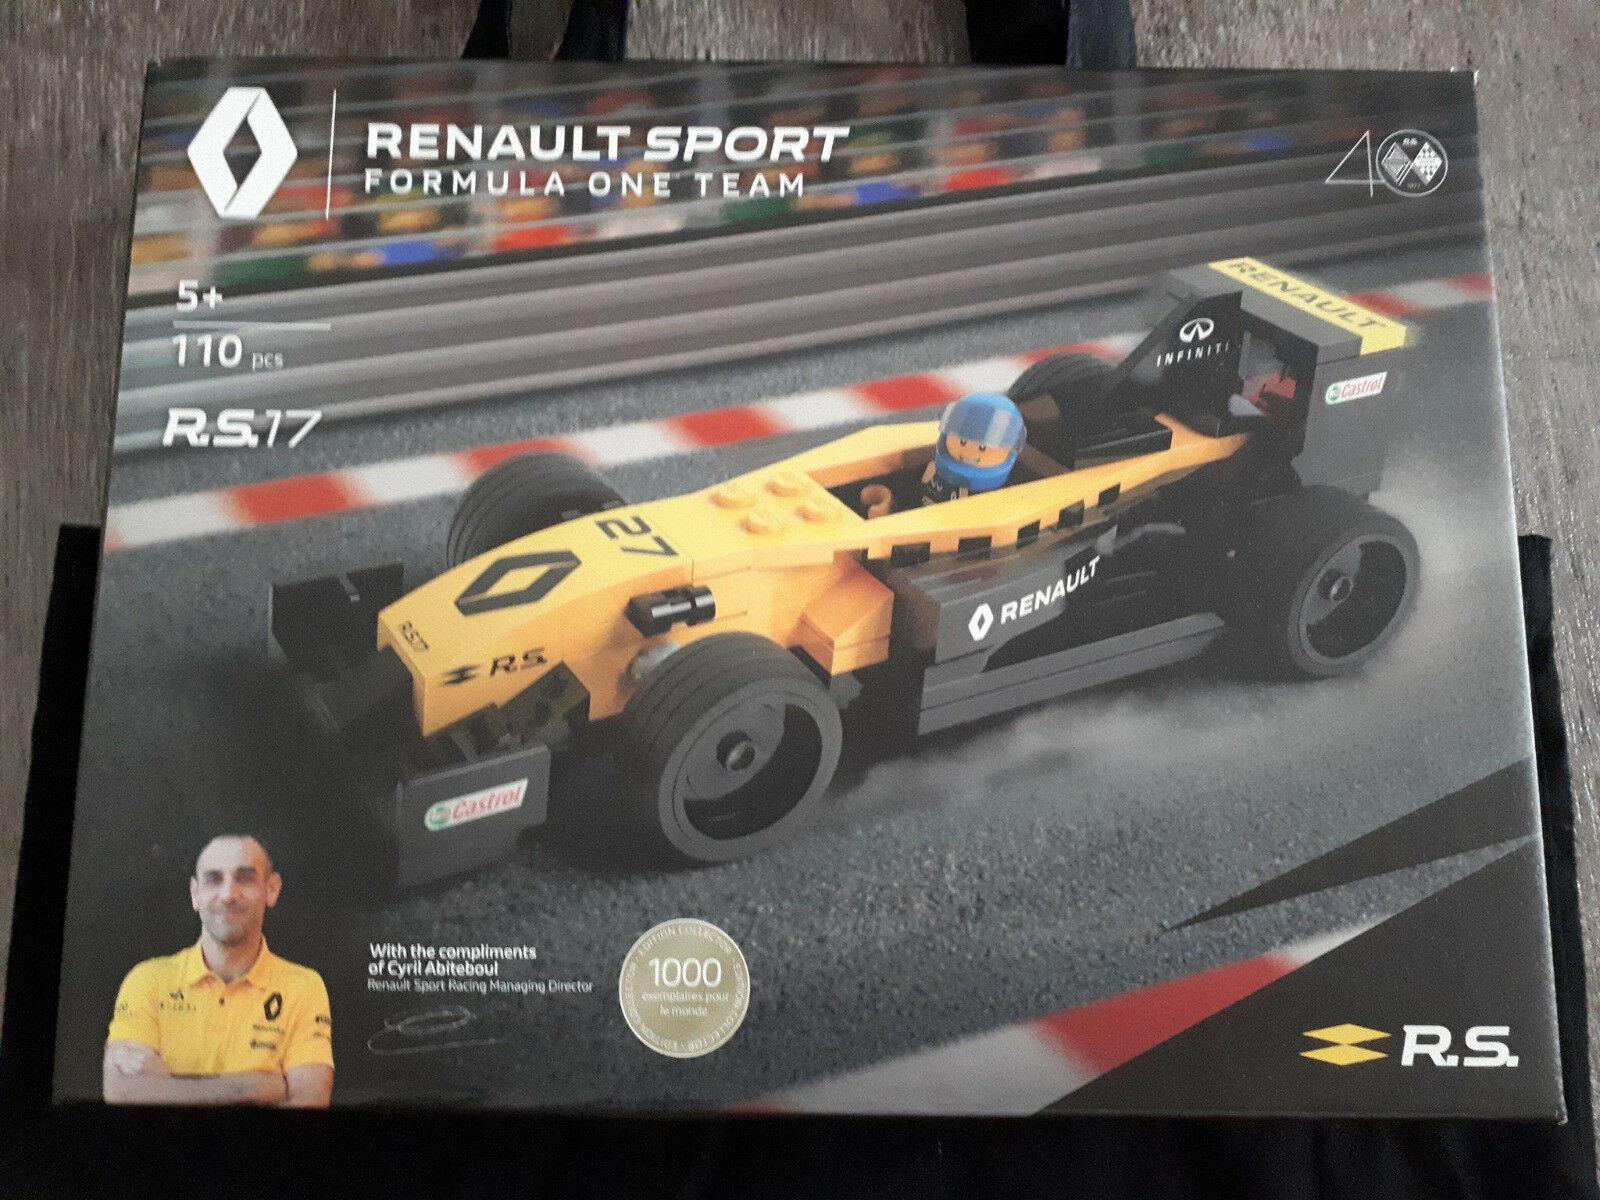 Lego Renault Sport Formula One Team R.S.17 éd. limitée, rare neuf